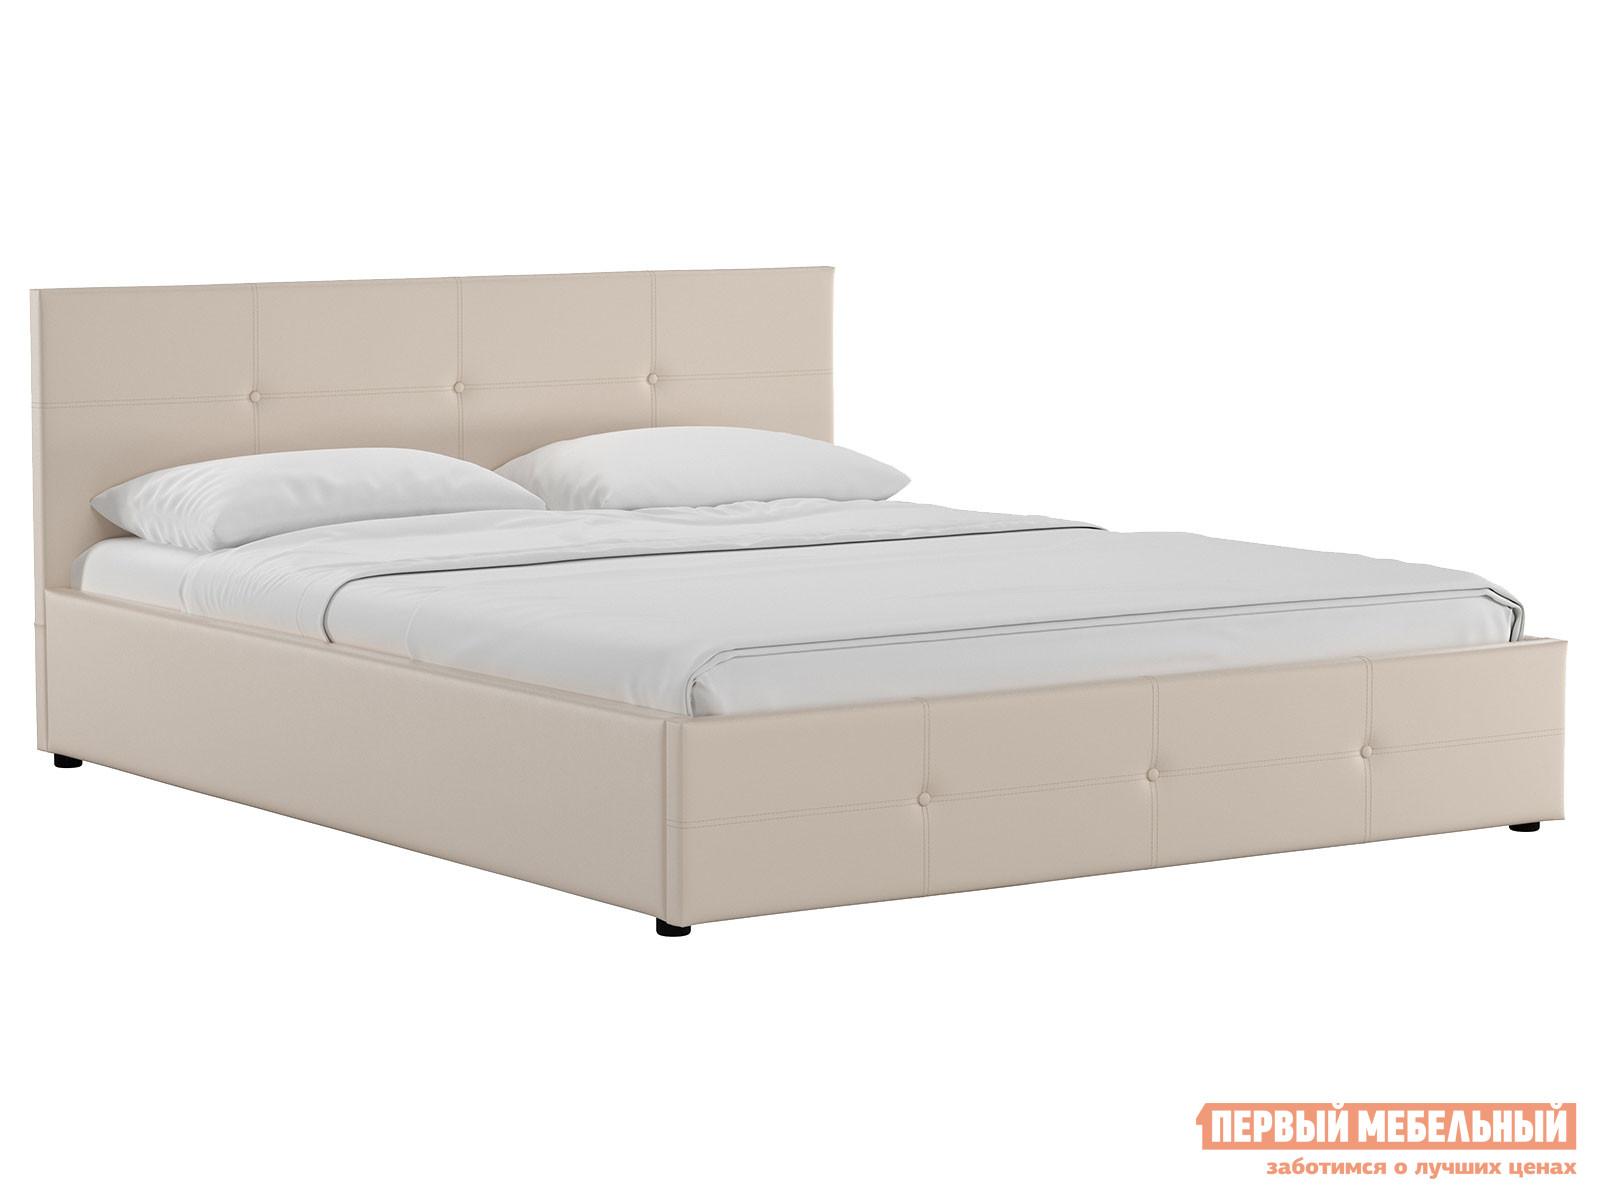 Двуспальная кровать  Кровать Синди с подъемным механизмом 160х200 Бежевый, экокожа — Кровать Синди с подъемным механизмом 160х200 Бежевый, экокожа